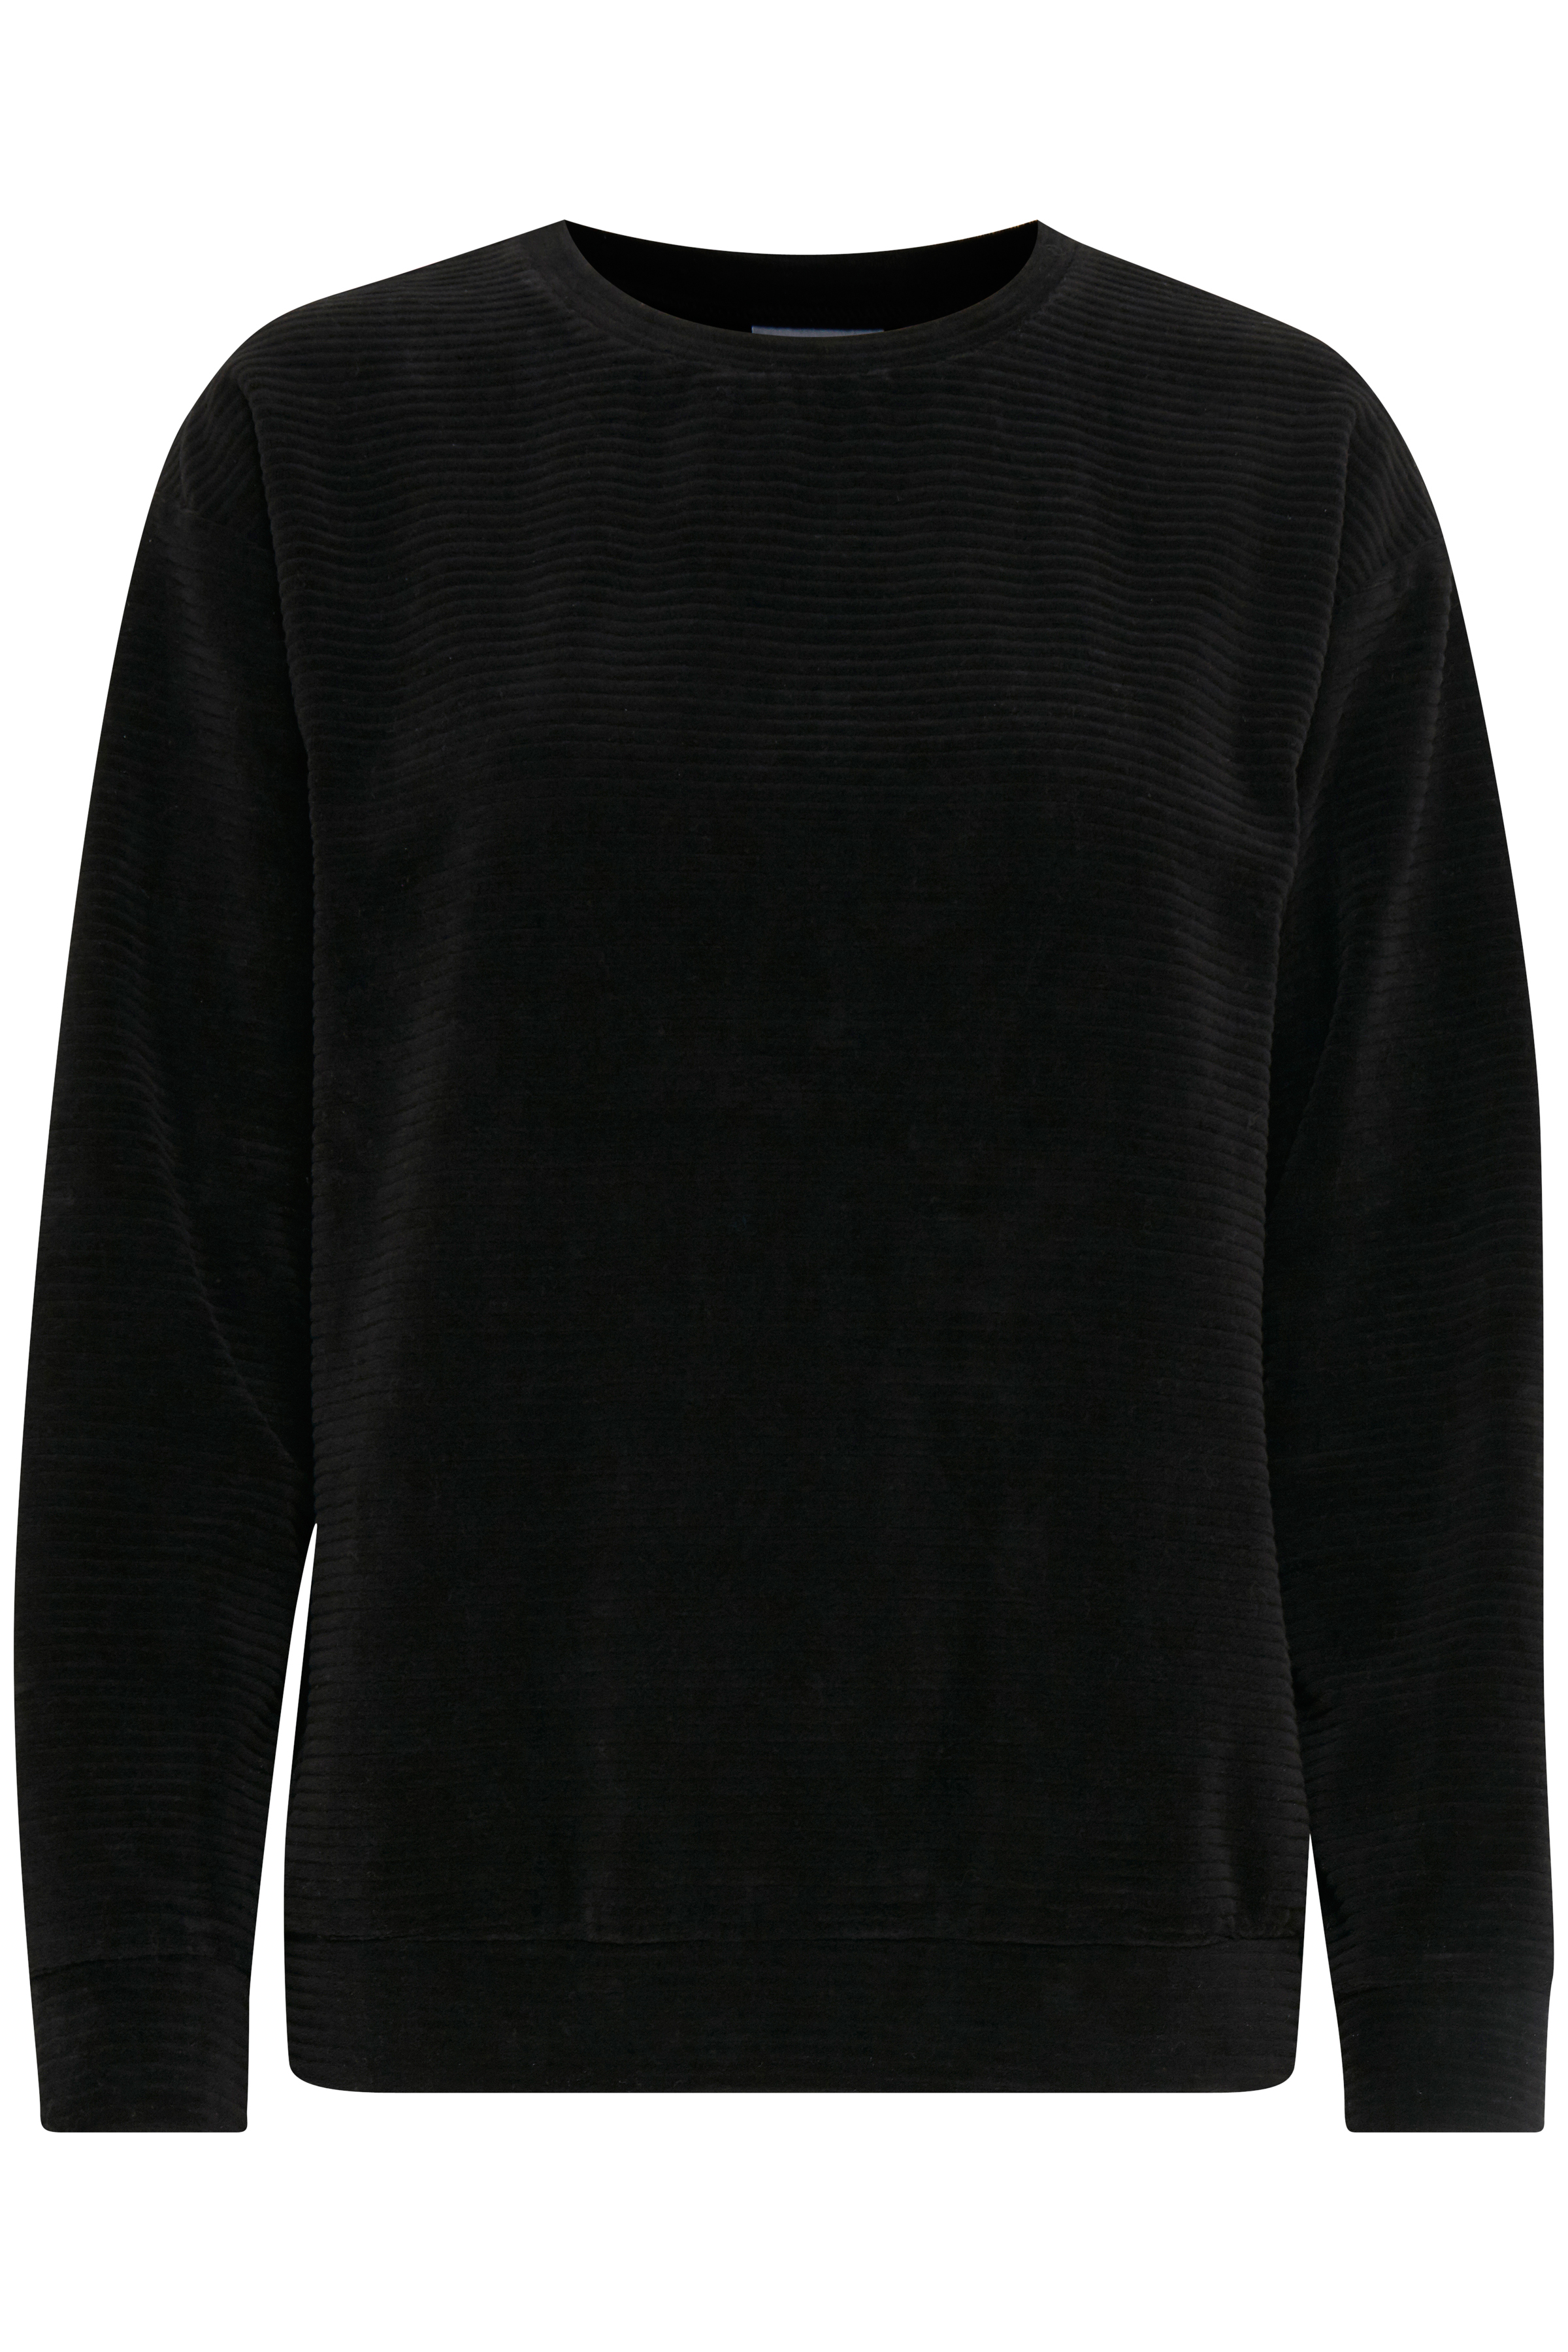 Black Pullover van b.young – Koop Black Pullover hier van size XS-L